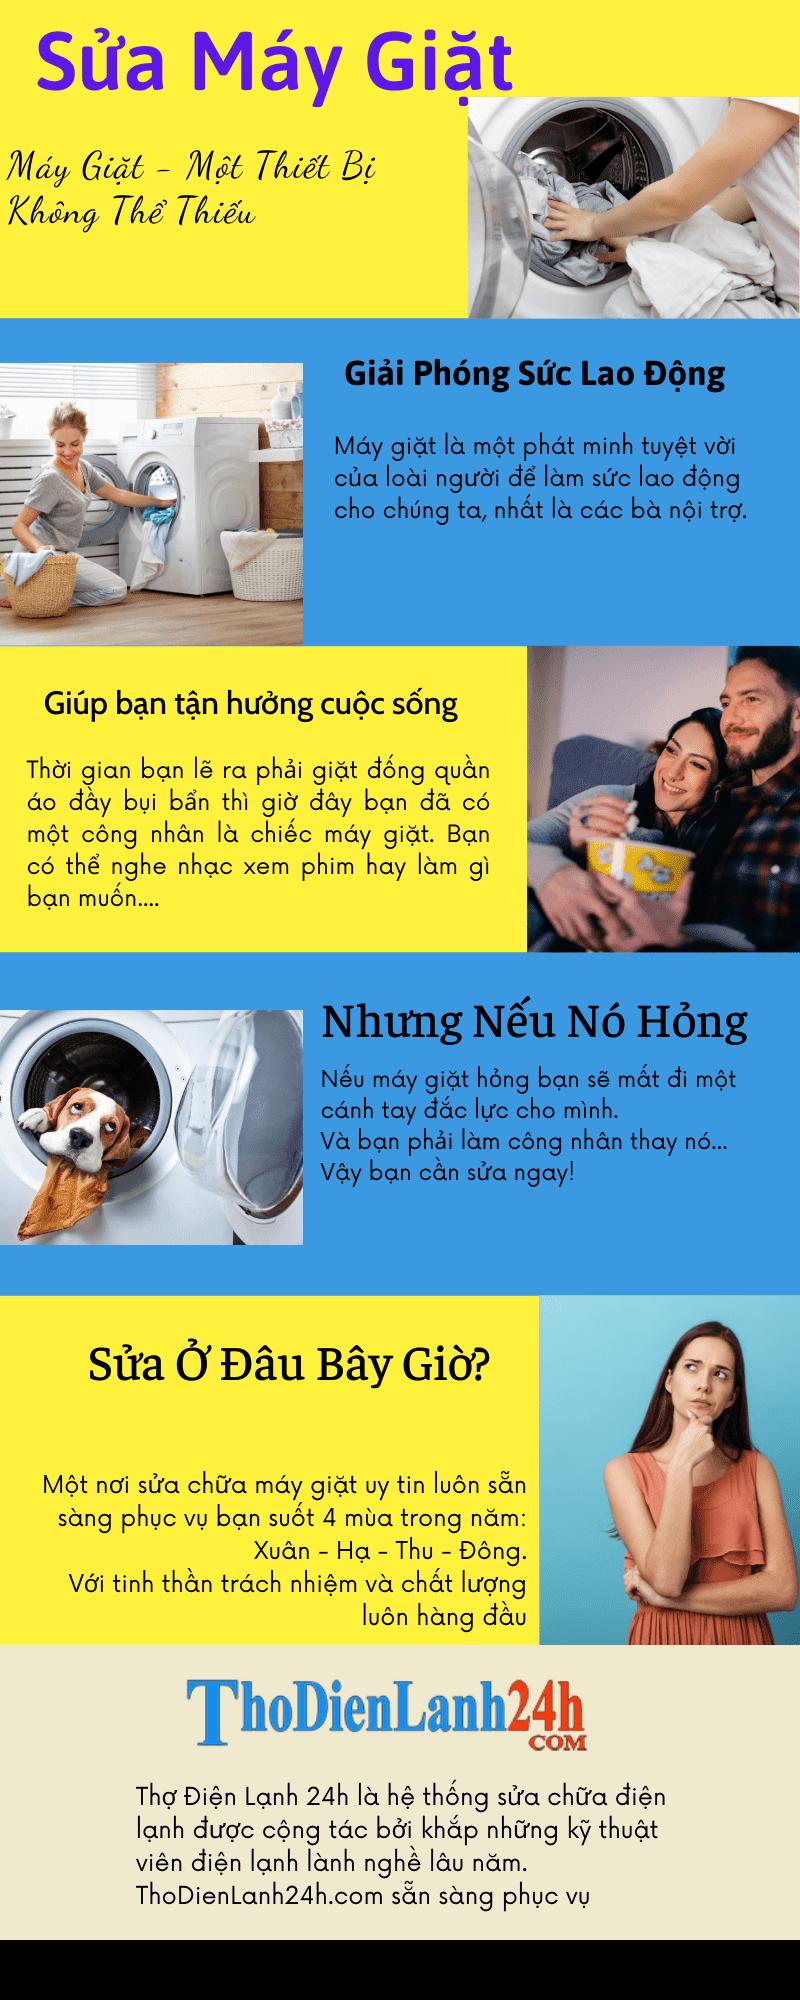 Sửa Máy Giặt Tại Nhà Hà Nội Infographic